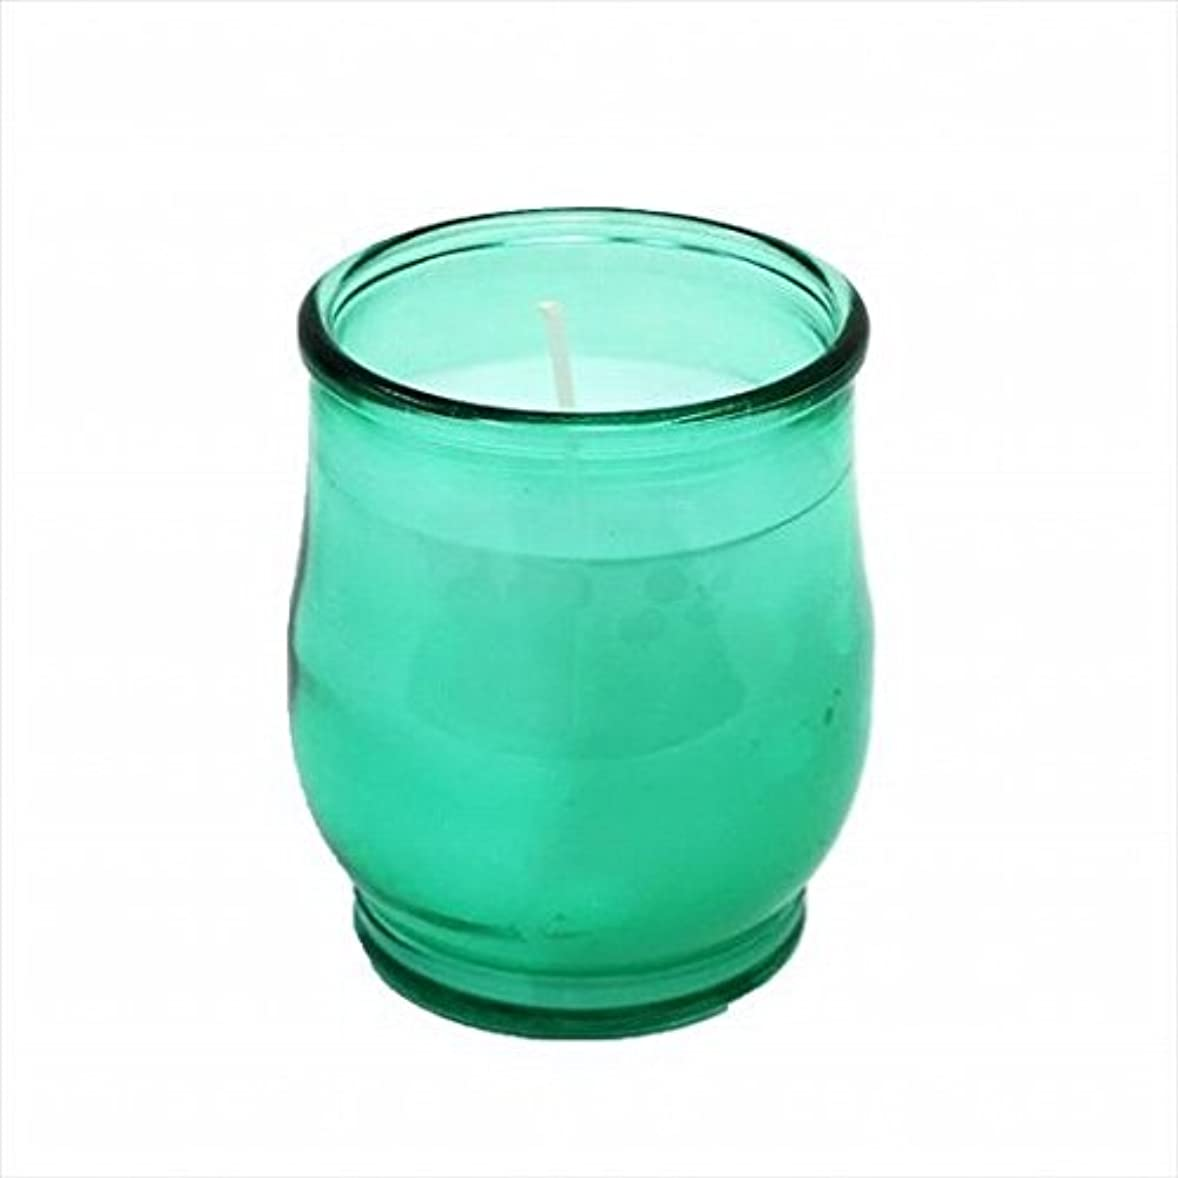 ペンダント同志未就学kameyama candle(カメヤマキャンドル) ポシェ(非常用コップローソク) 「 グリーン(ライトカラー) 」 キャンドル 68x68x80mm (73020030G)